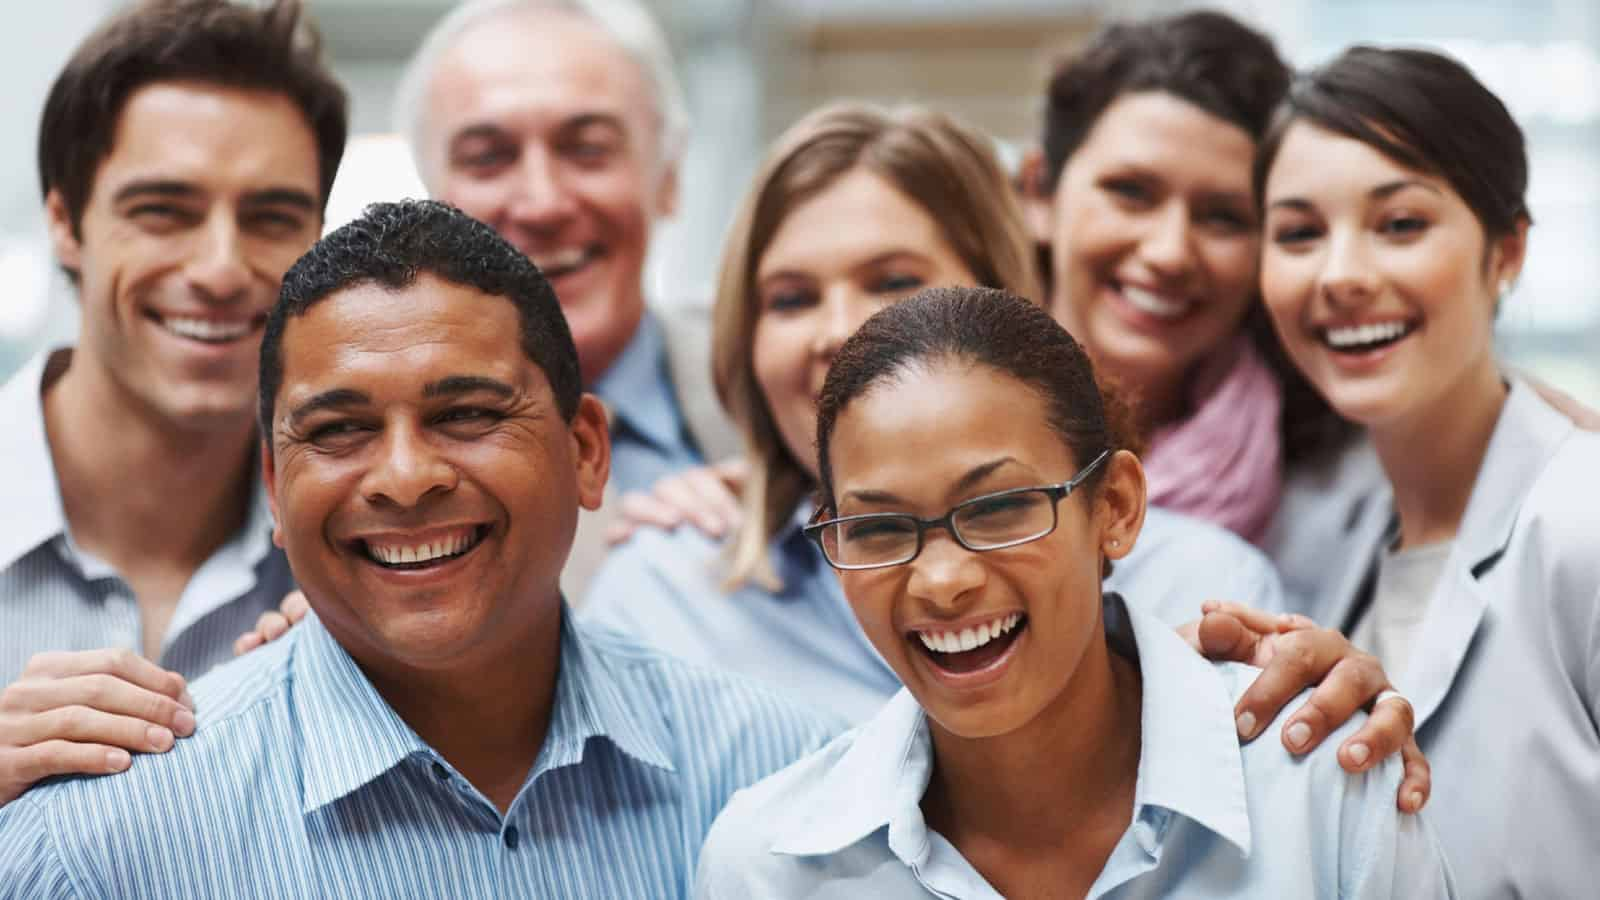 Apa yang membuat karyawan nyaman dan produktif saat bekerja ?